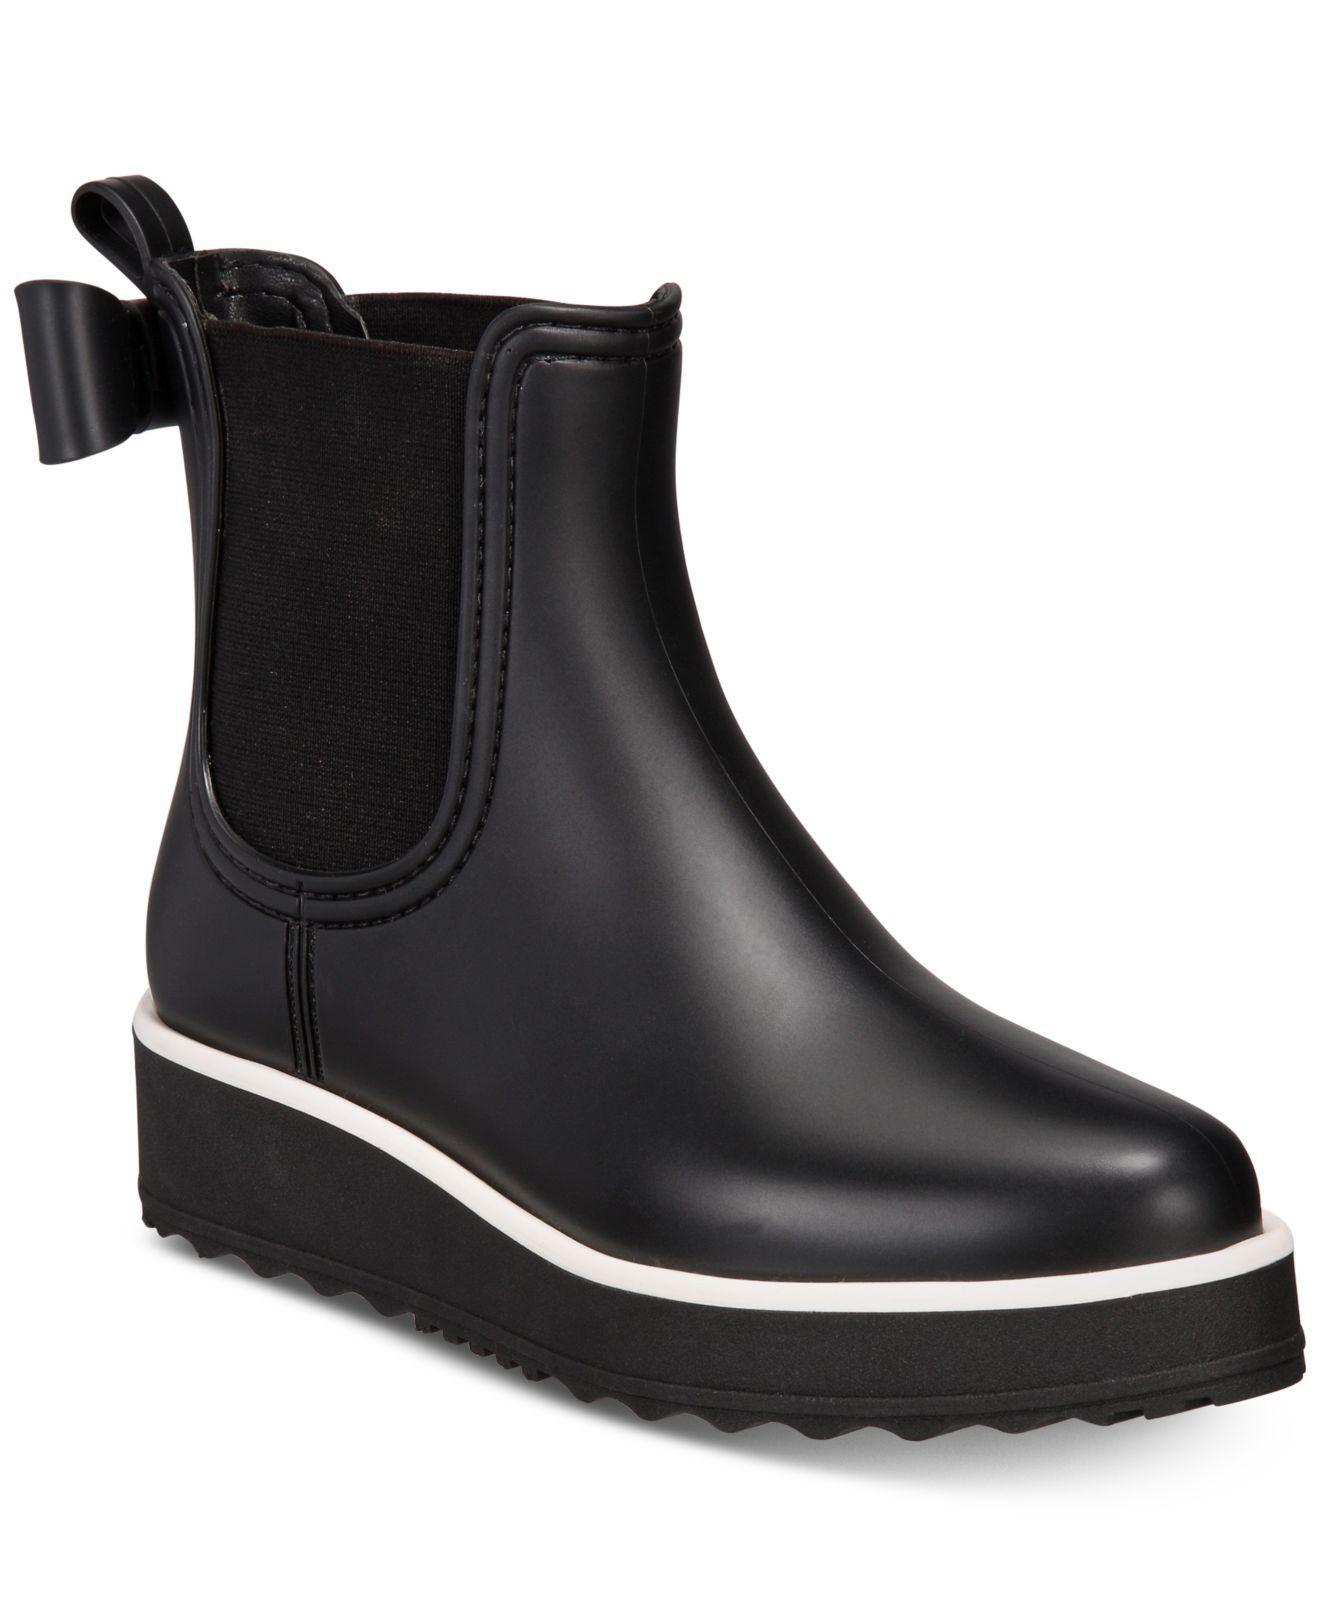 Kate Spade Rubber Malcom Rain Shoe In Black - Lyst-7003